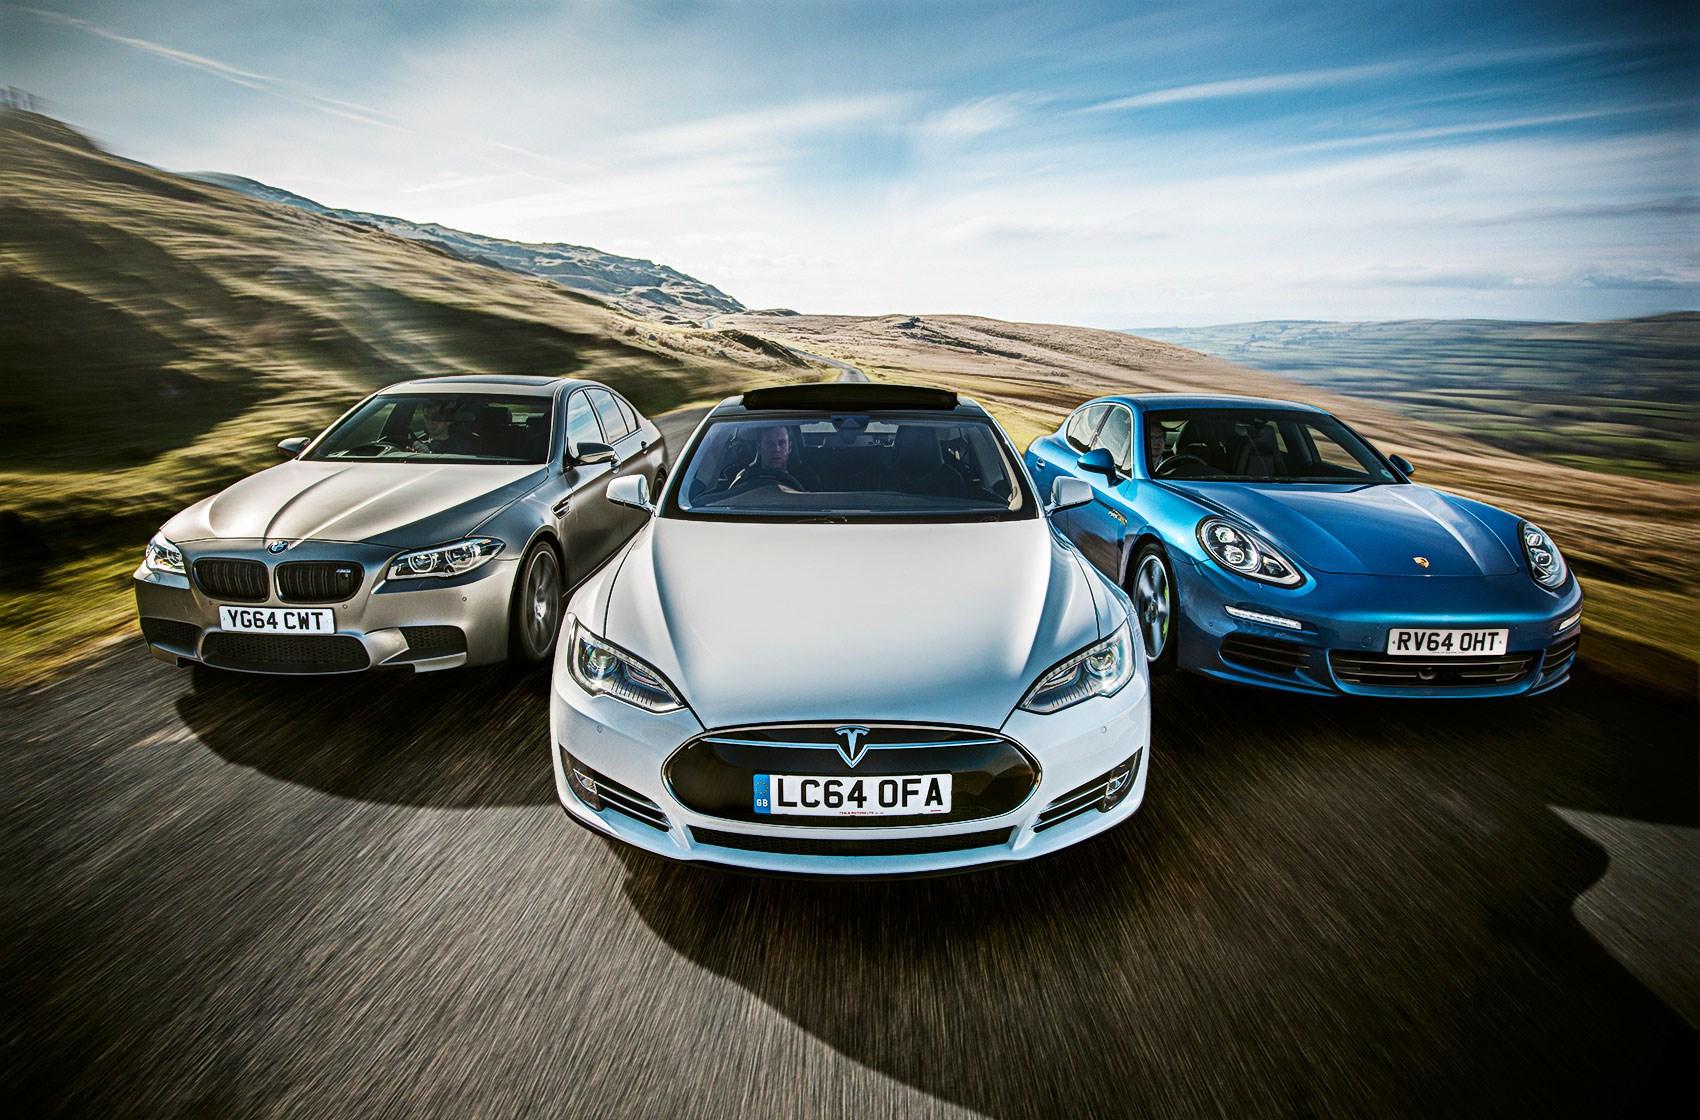 Ko je na kraju brži, električni ili konvencionalno pogonjeni automobili?